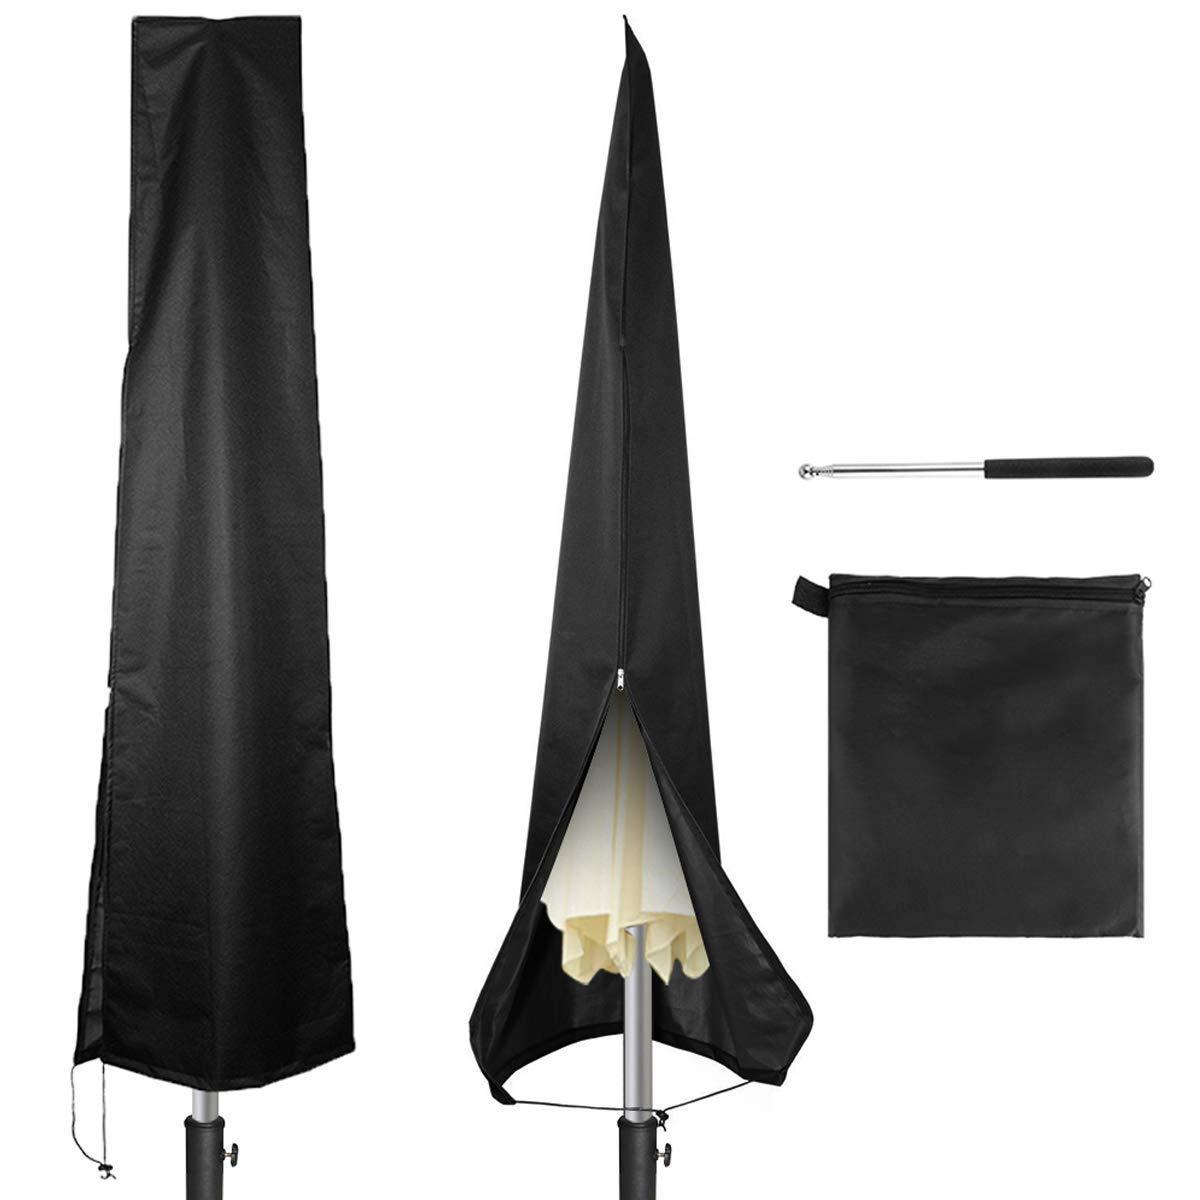 Copertura Impermeabile per ombrellone da Giardino con Cerniera e Asta telescopica a Spinta Yudanny per ombrelloni da 2,1 m a 3,7 m Tessuto Oxford 420D Nero